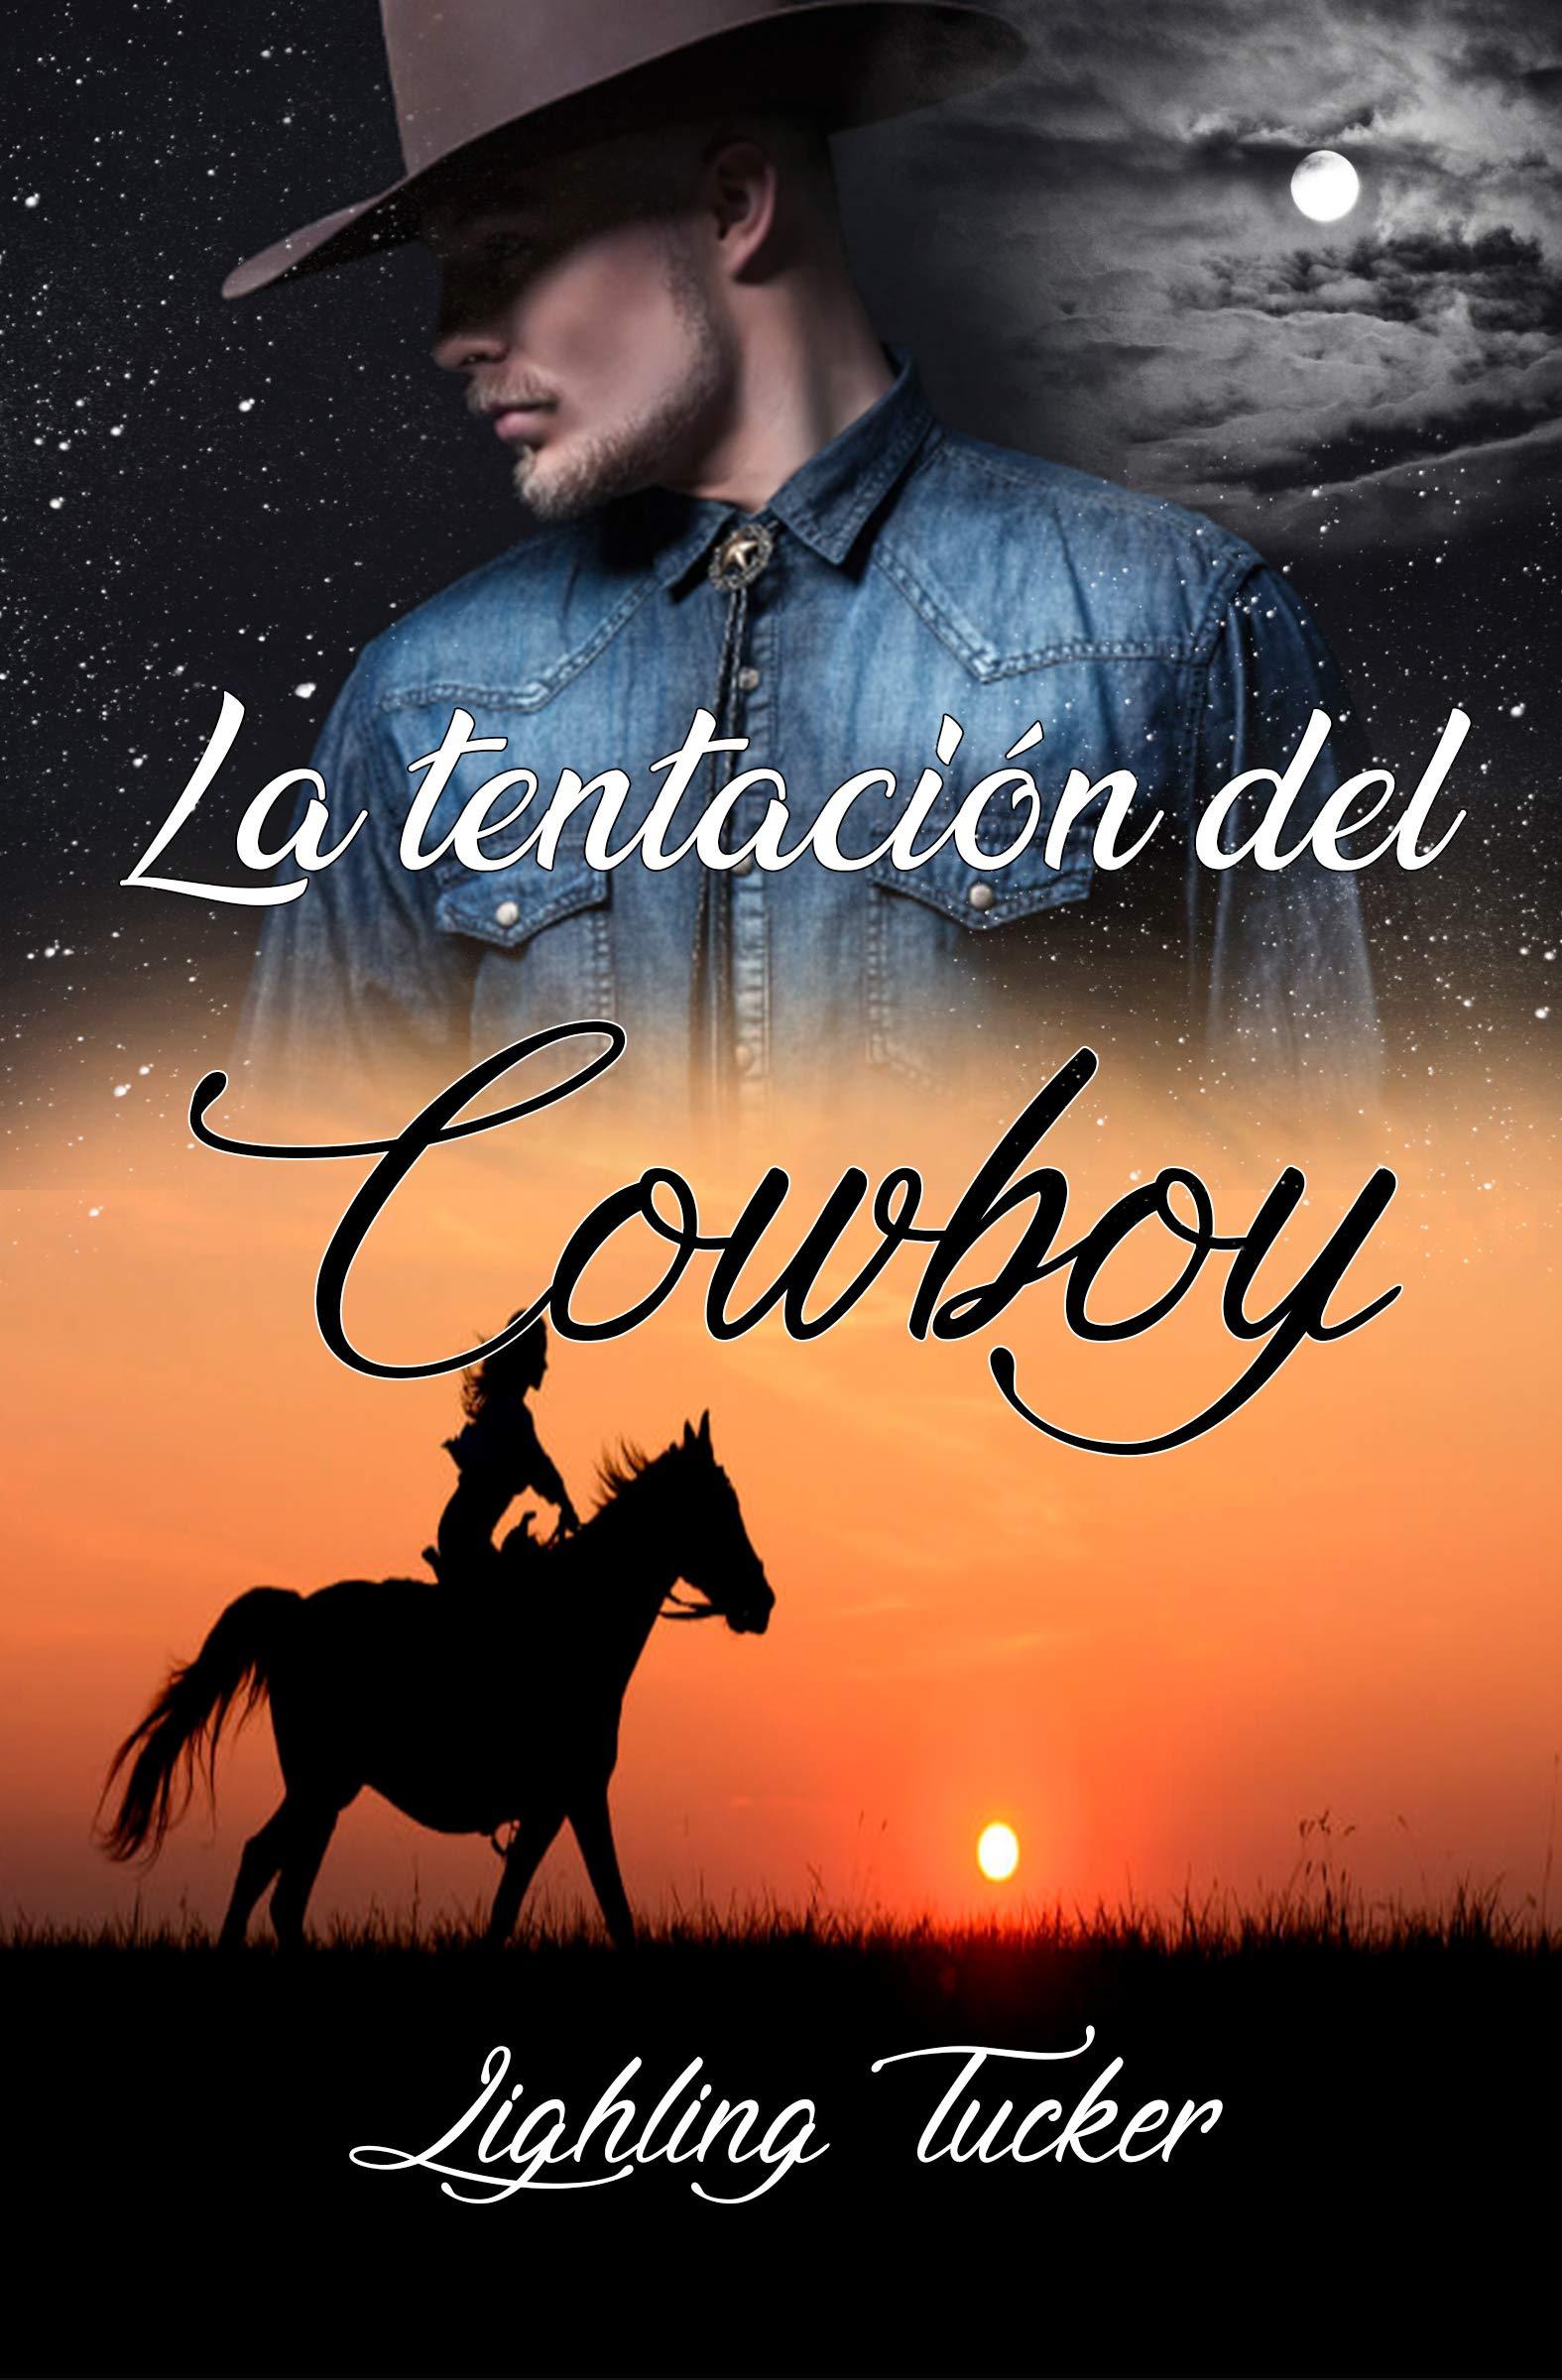 La tentación del Cowboy por Lighling Tucker